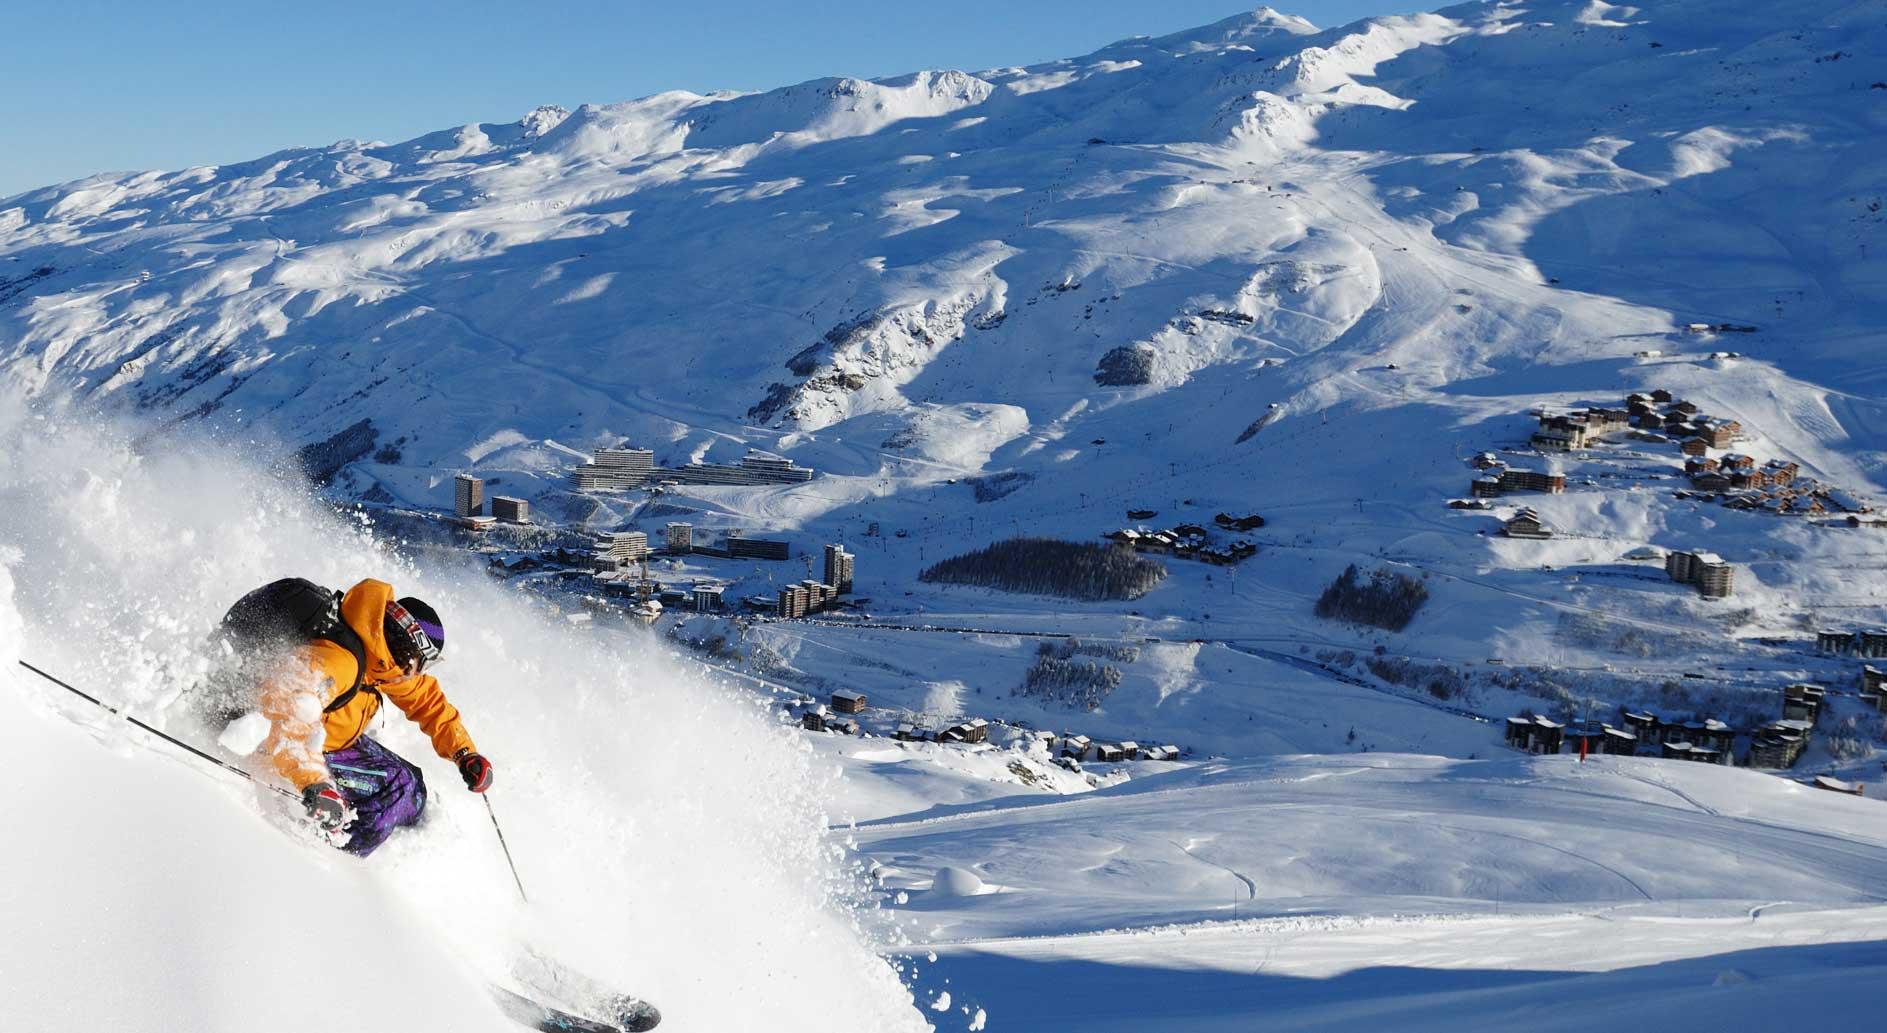 Choisir une station de ski qui correspond à ses besoins n'est jamais facile. Découvrez notre guide pratique !